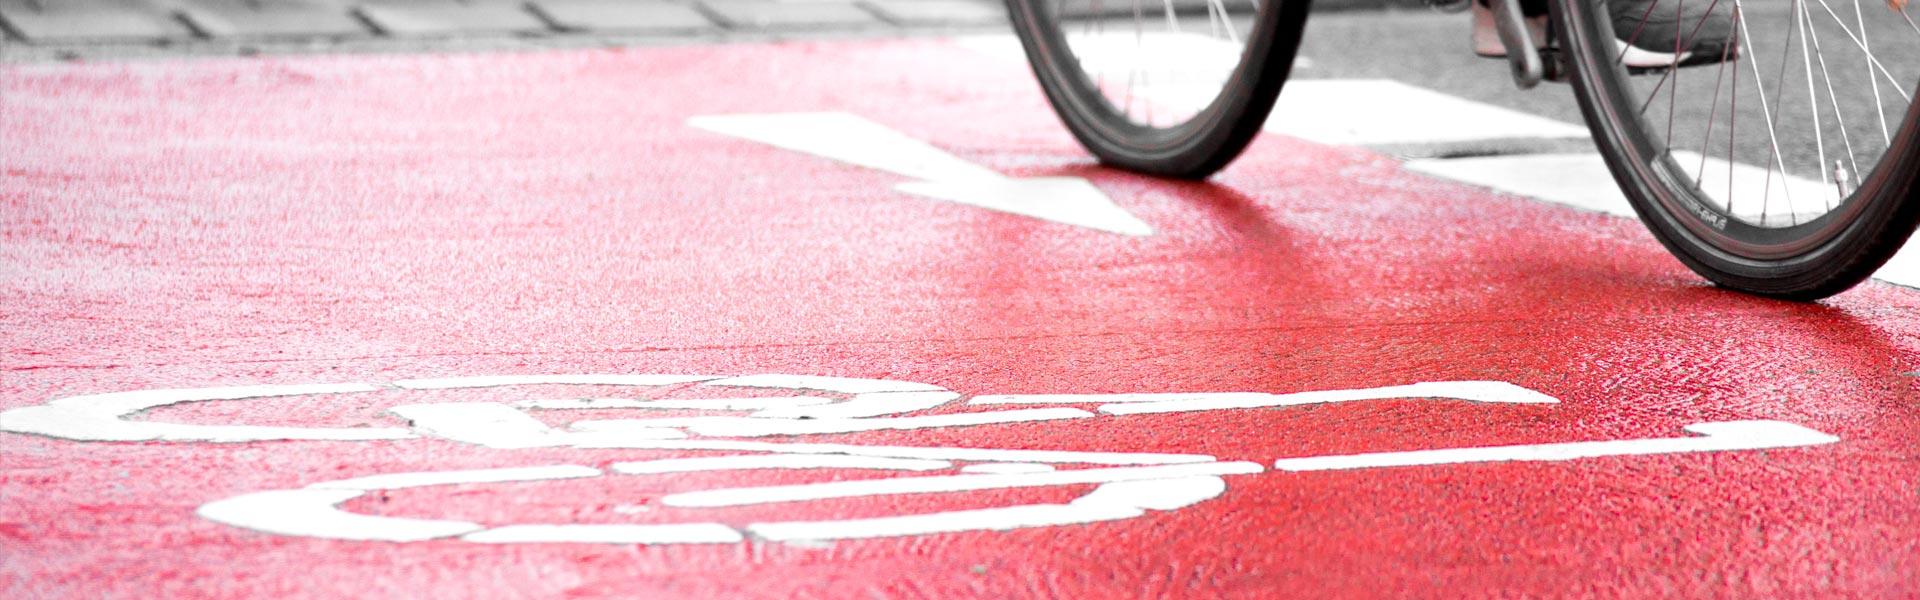 PGV-Alrutz GbR – wegweisend für den Radverkehr